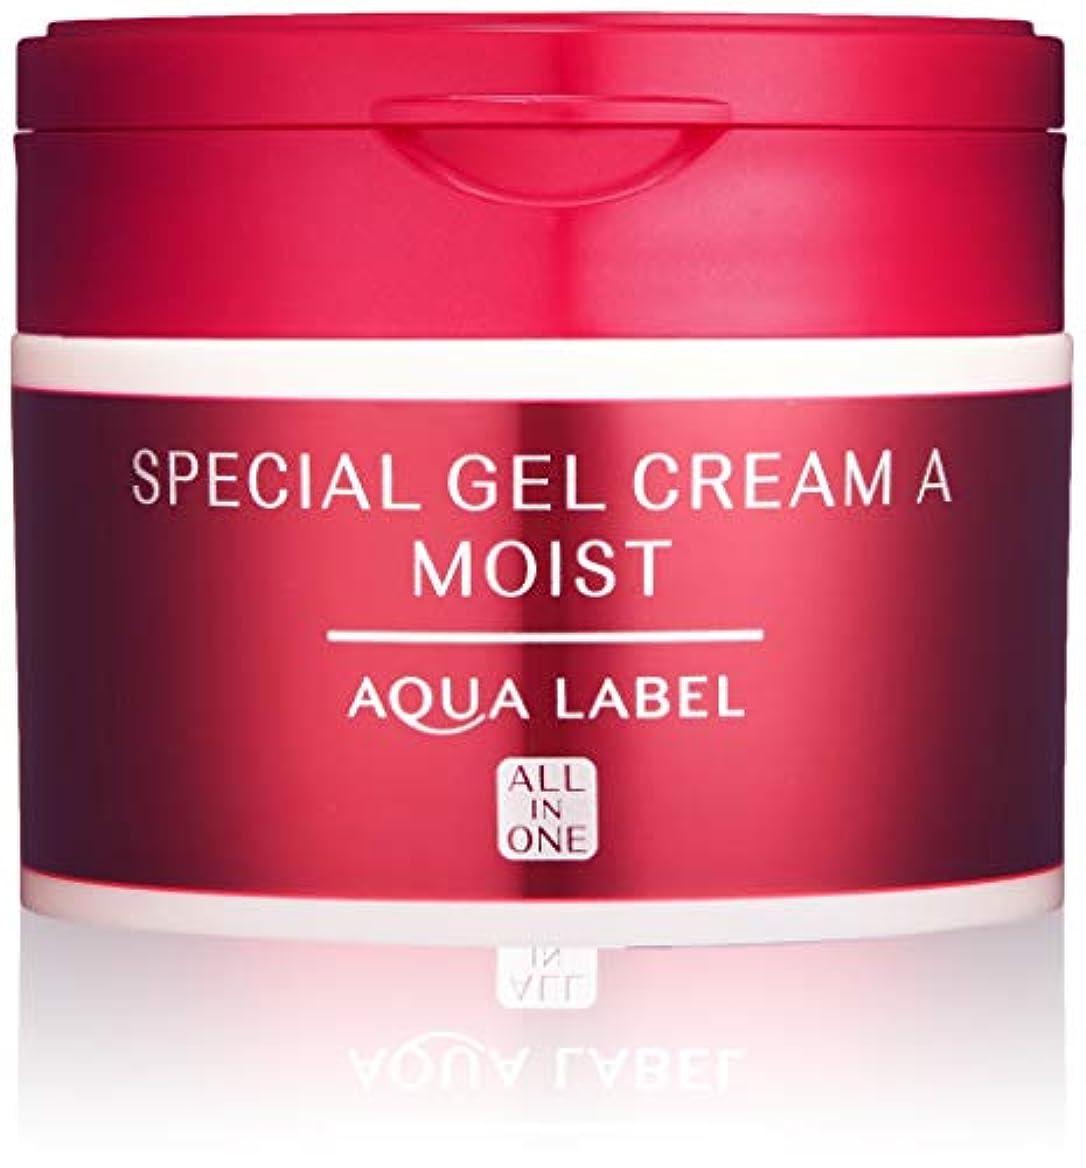 論理的に表面的な実際AQUALABEL(アクアレーベル) アクアレーベル スペシャルジェルクリームA (モイスト) ハーバルローズの優しい香り 単品 90g